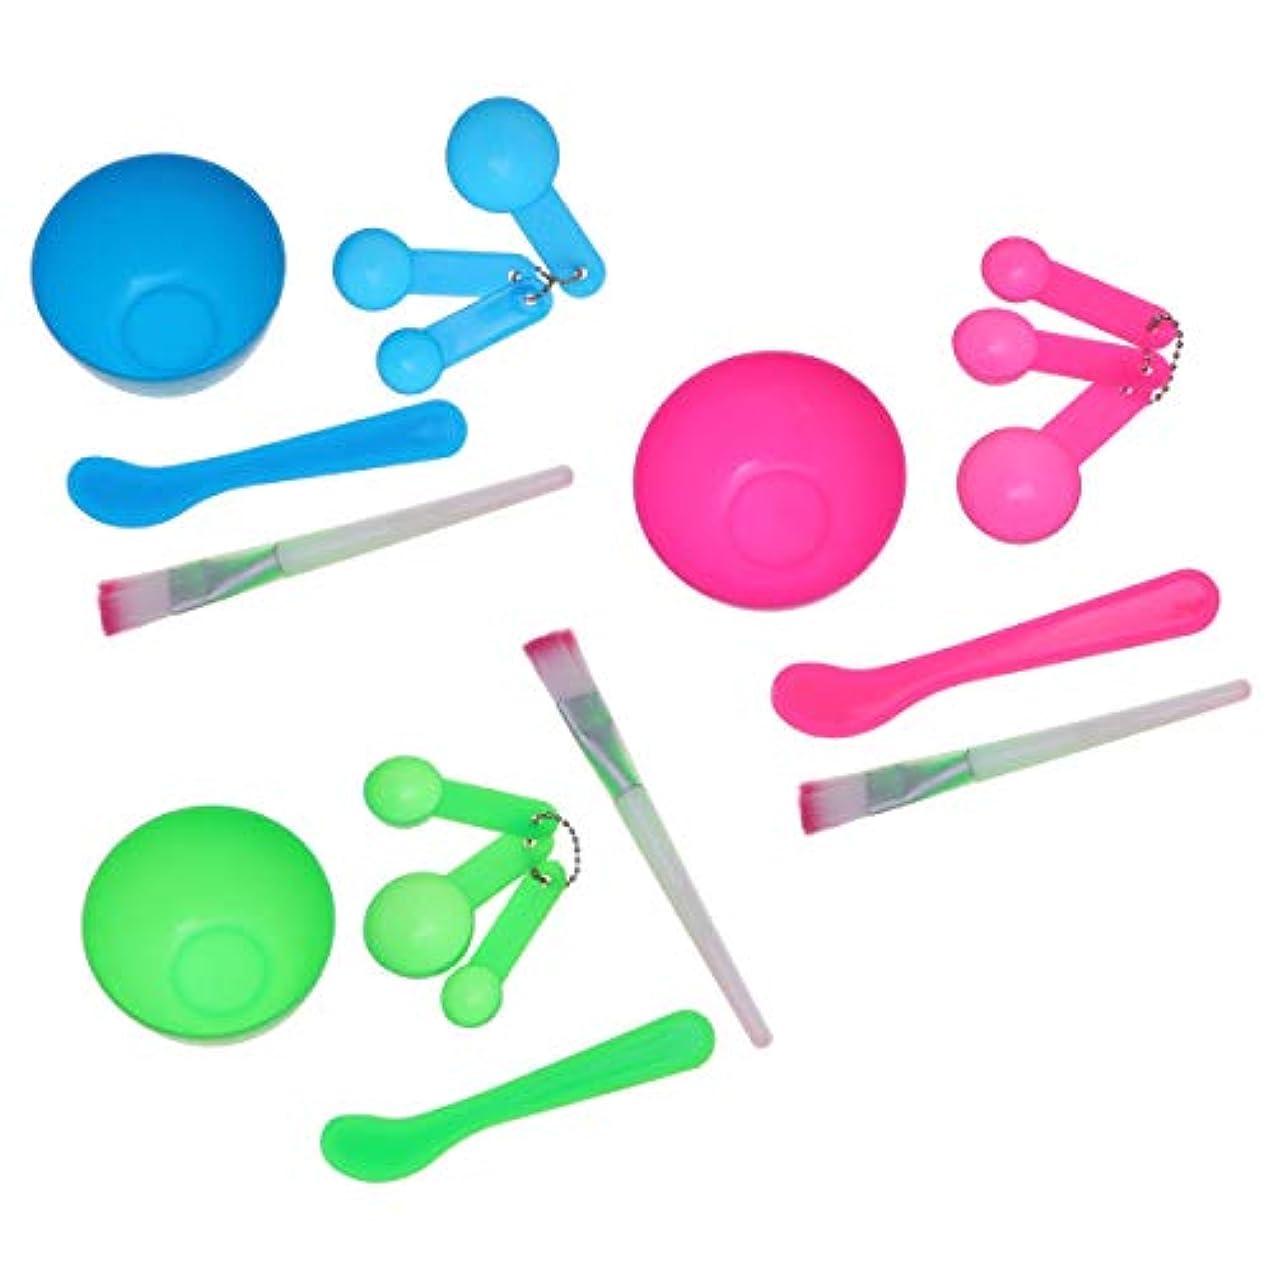 フォーム練習モックBeaupretty 18ピースフェイスマスクボウルフェイスマスクミキシングツールキットDIYフェイシャルマスクツール(グリーン+ブルー+ピンク)